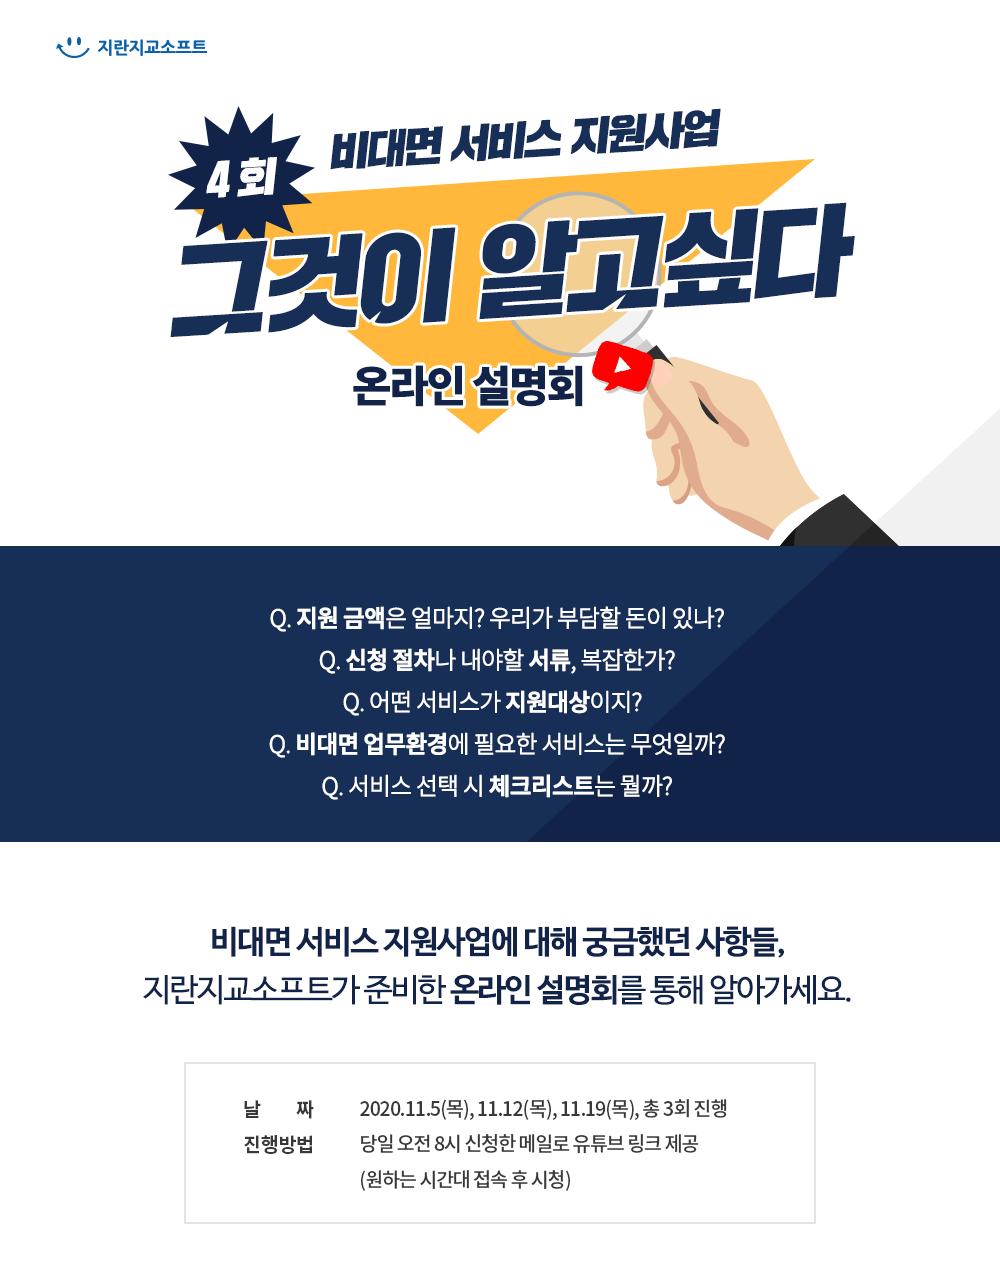 제4회 비대면 서비스 바우처 사업_지란지교소프트_설명회